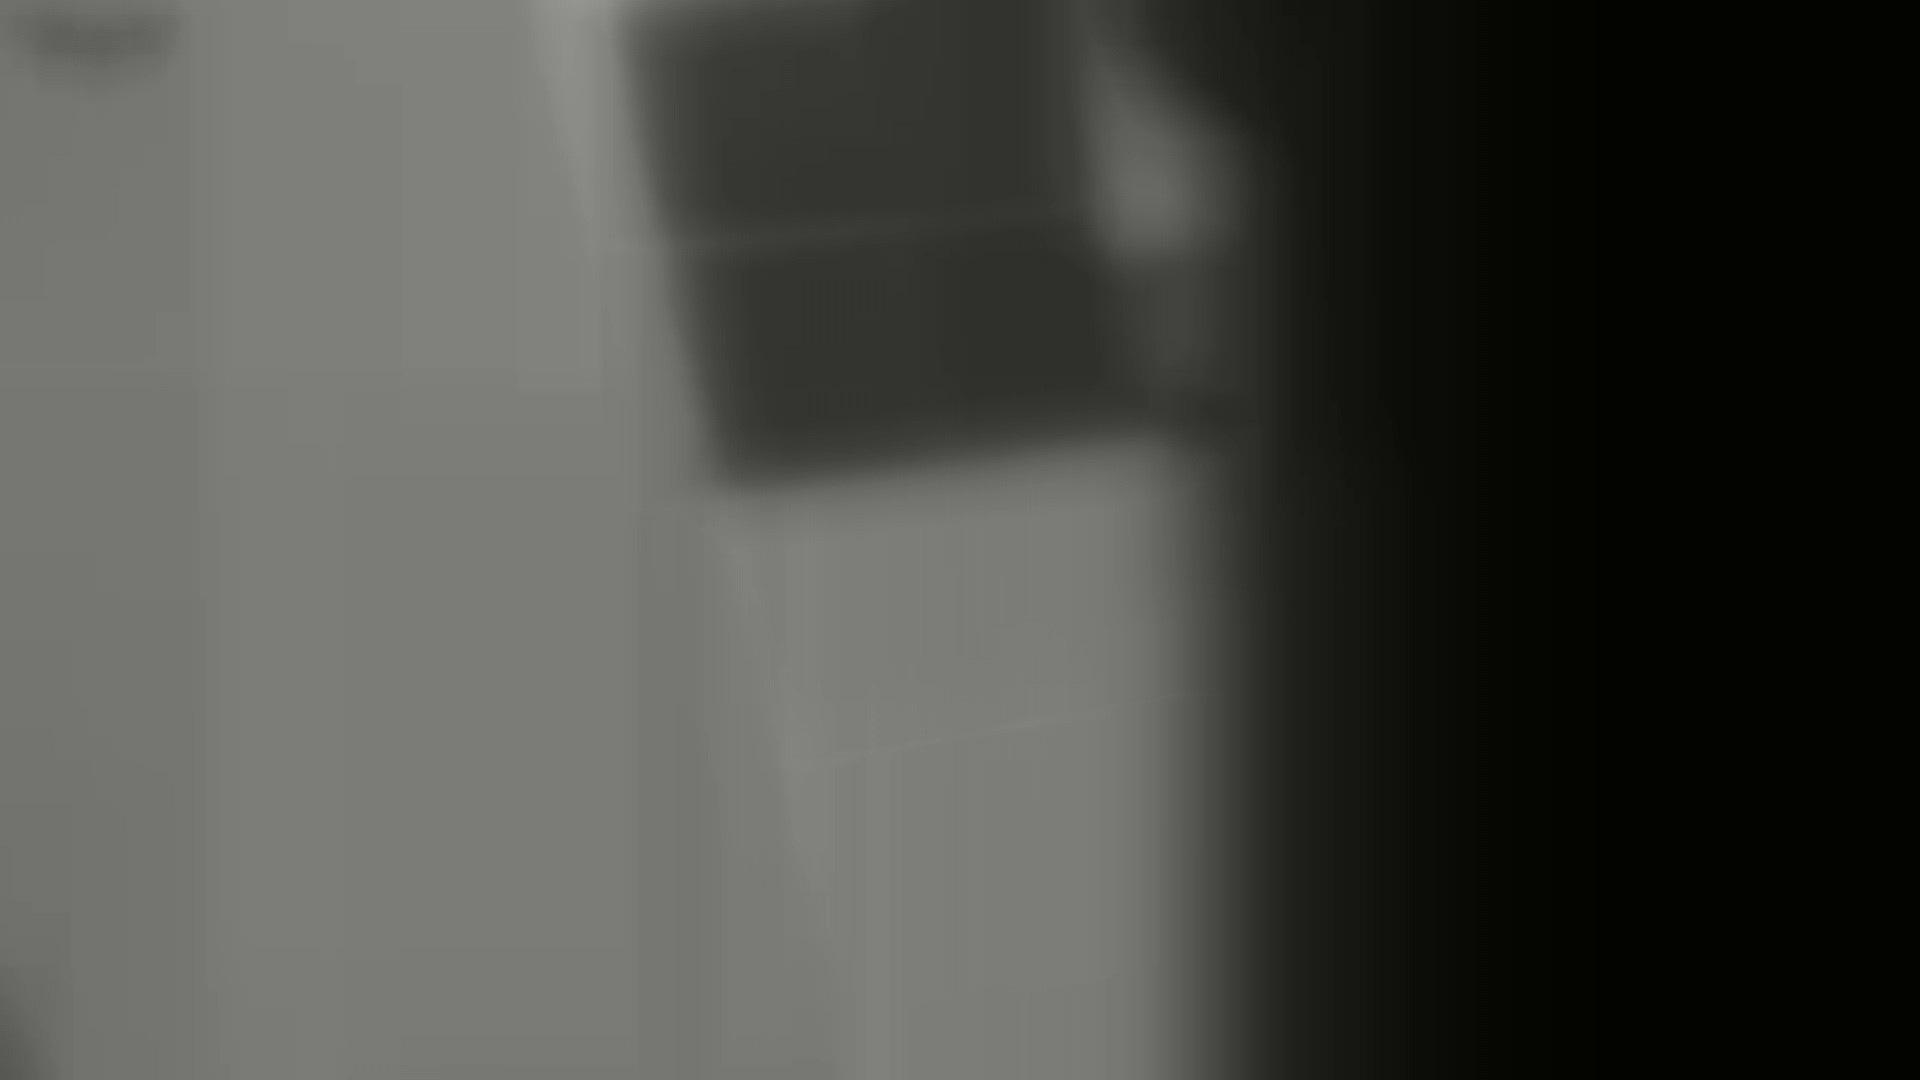 【期間・個数限定配信】 マンコ丸見え!第三体育館潜入撮File001 丸見え のぞきおめこ無修正画像 94連発 53